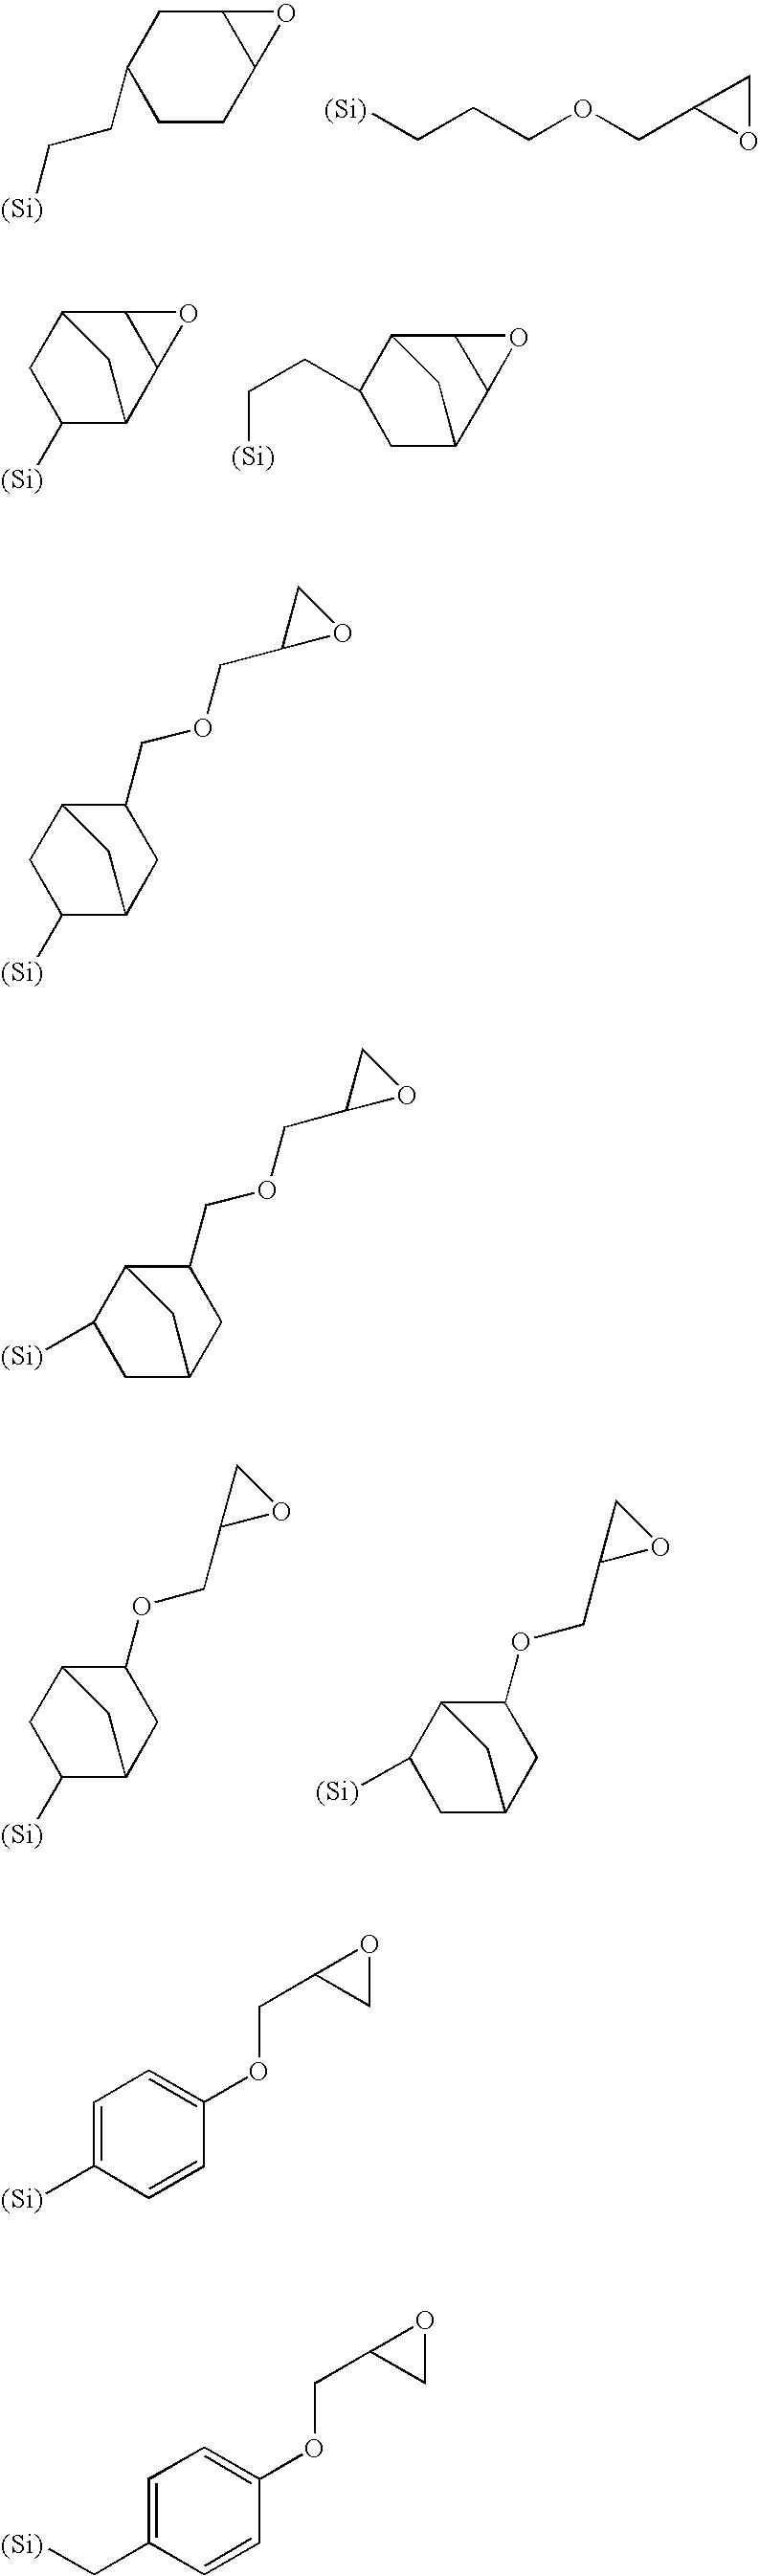 Figure US20080026322A1-20080131-C00003